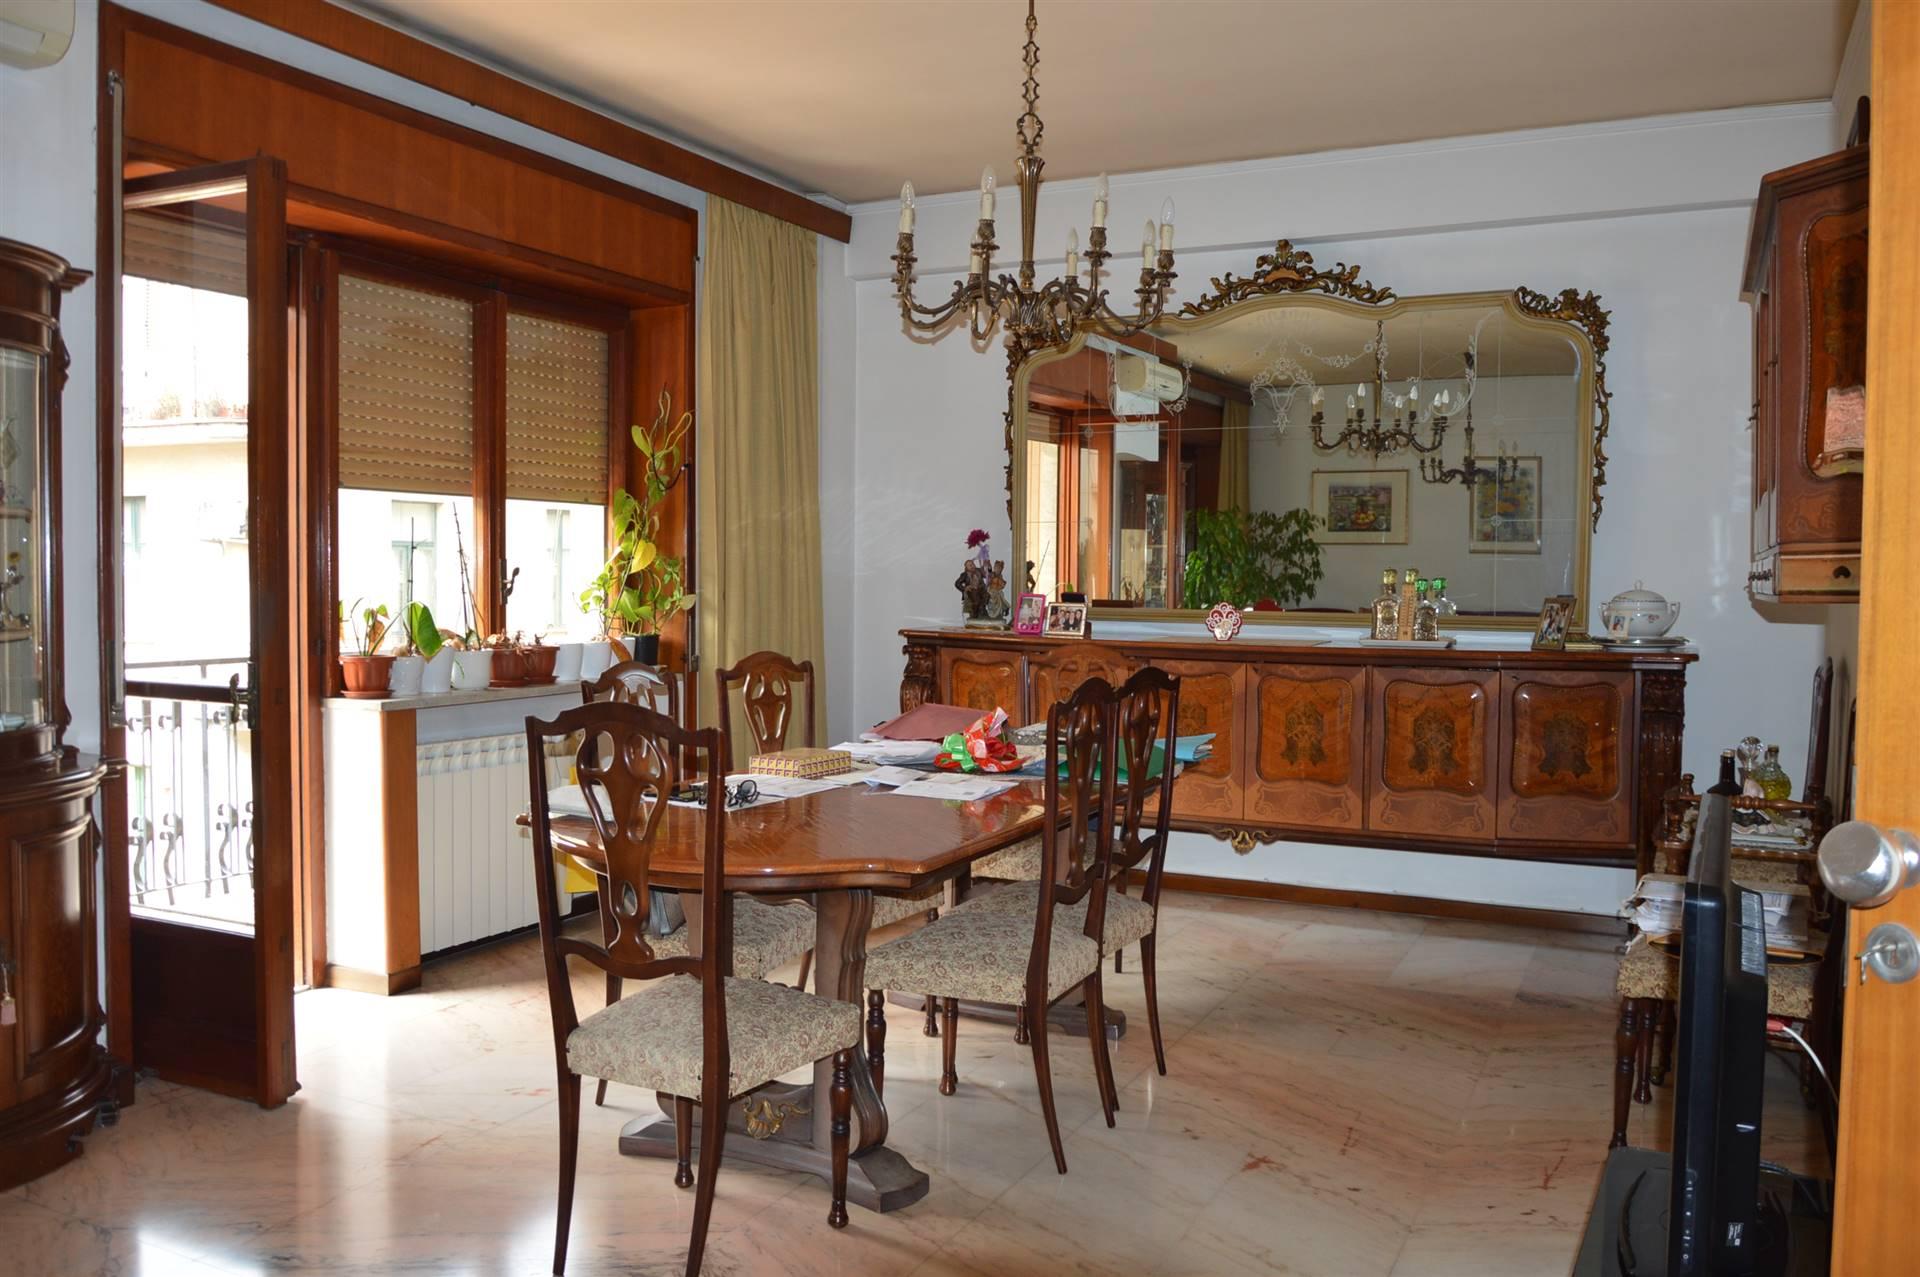 Appartamento in vendita a Salerno, 6 locali, zona Zona: Carmine, prezzo € 680.000   CambioCasa.it